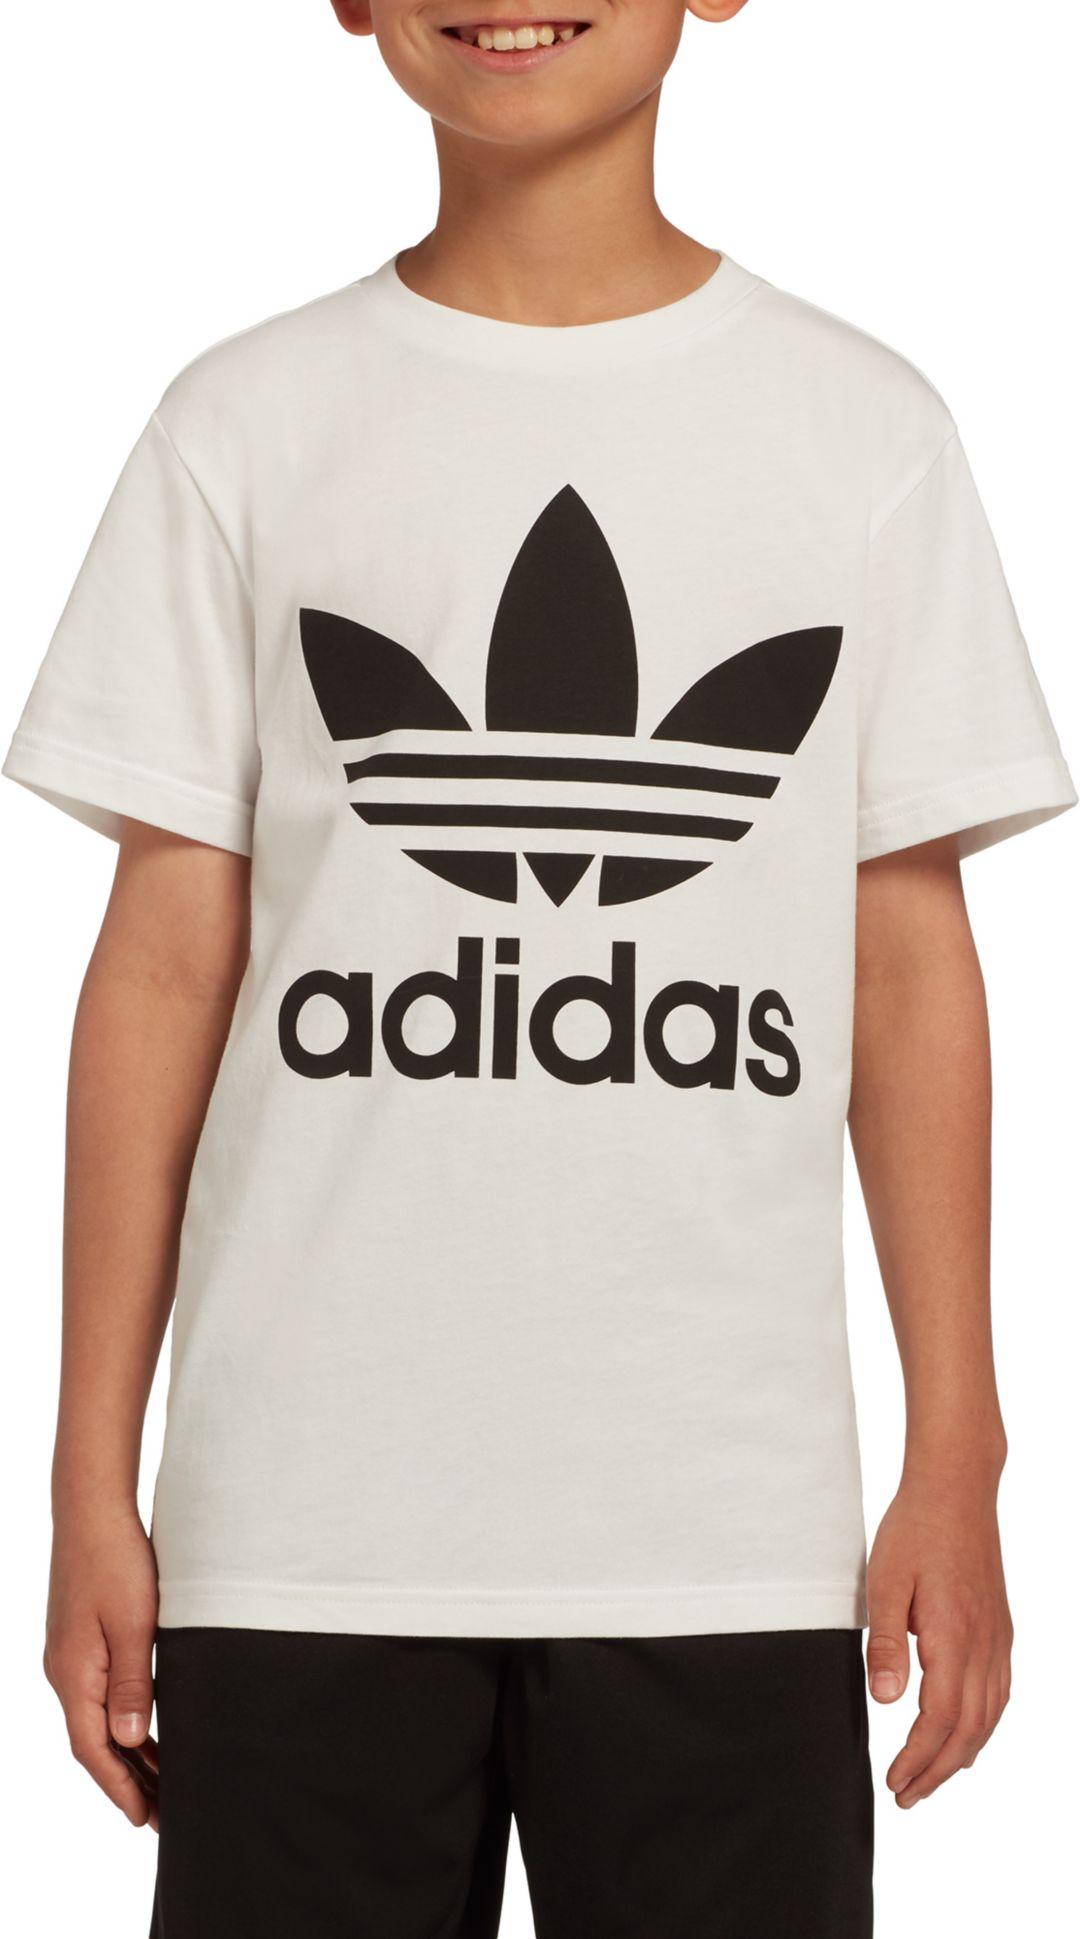 ff341981f53e3 adidas Originals Boys' Trefoil Tee